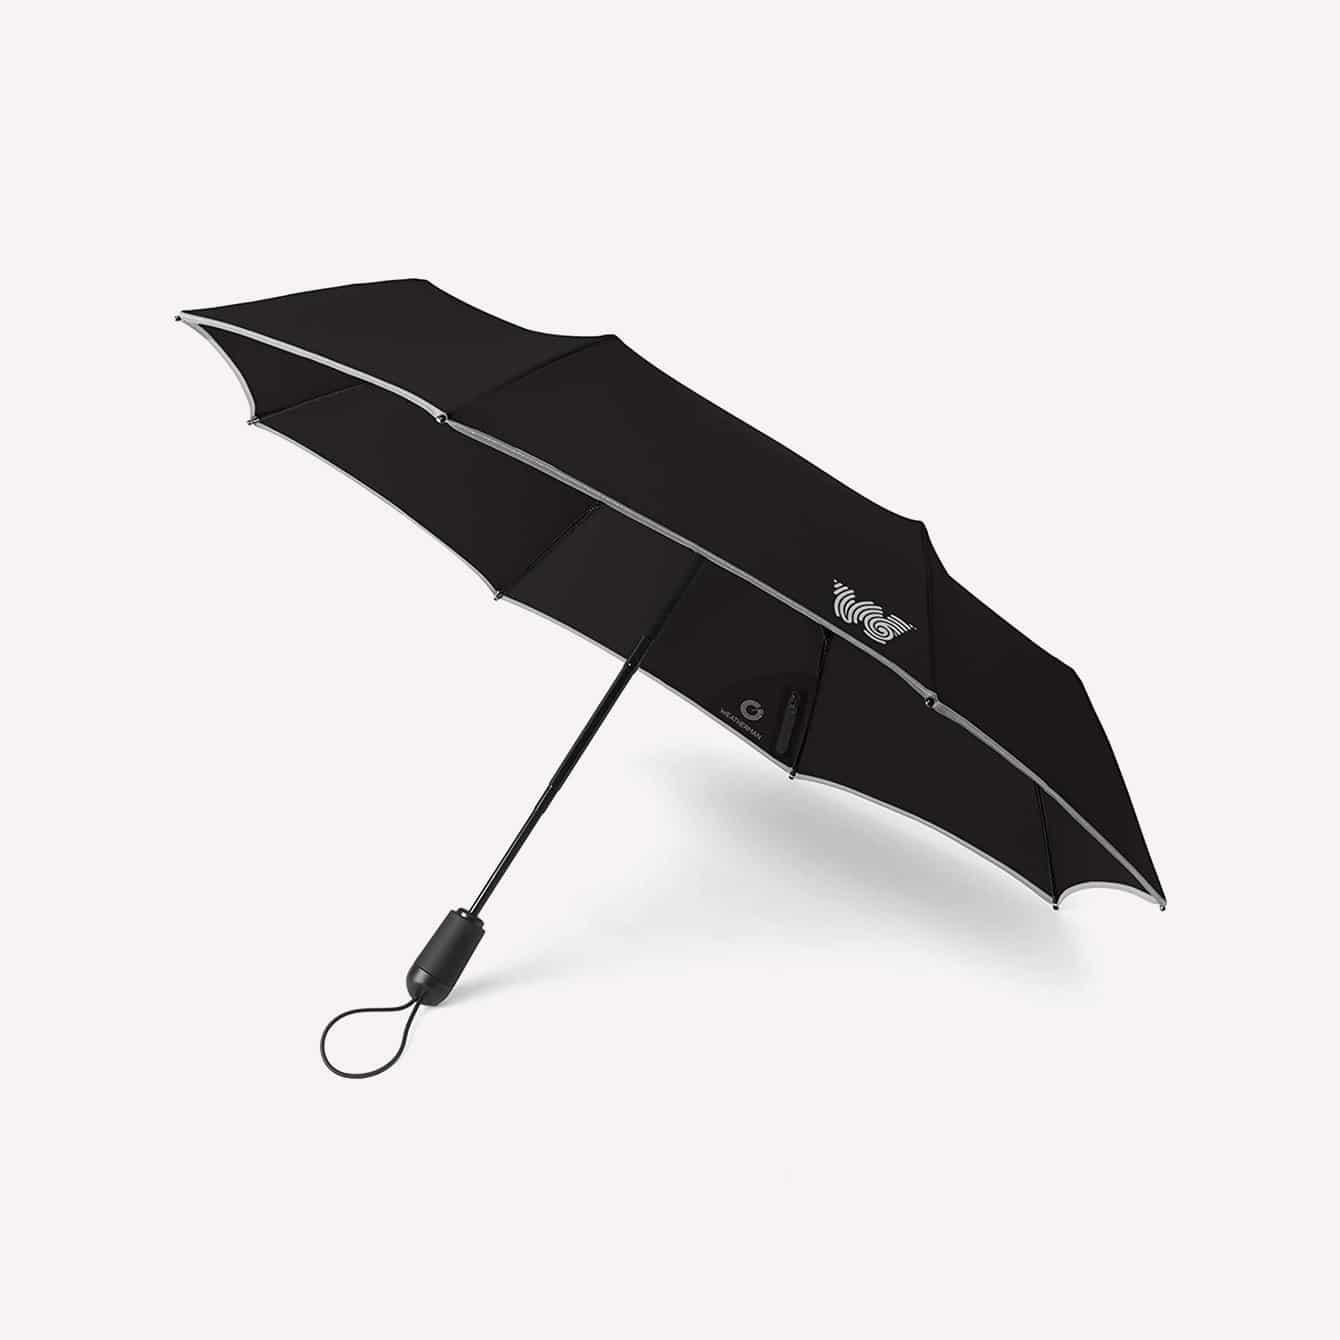 The Weatherman Travel Umbrella